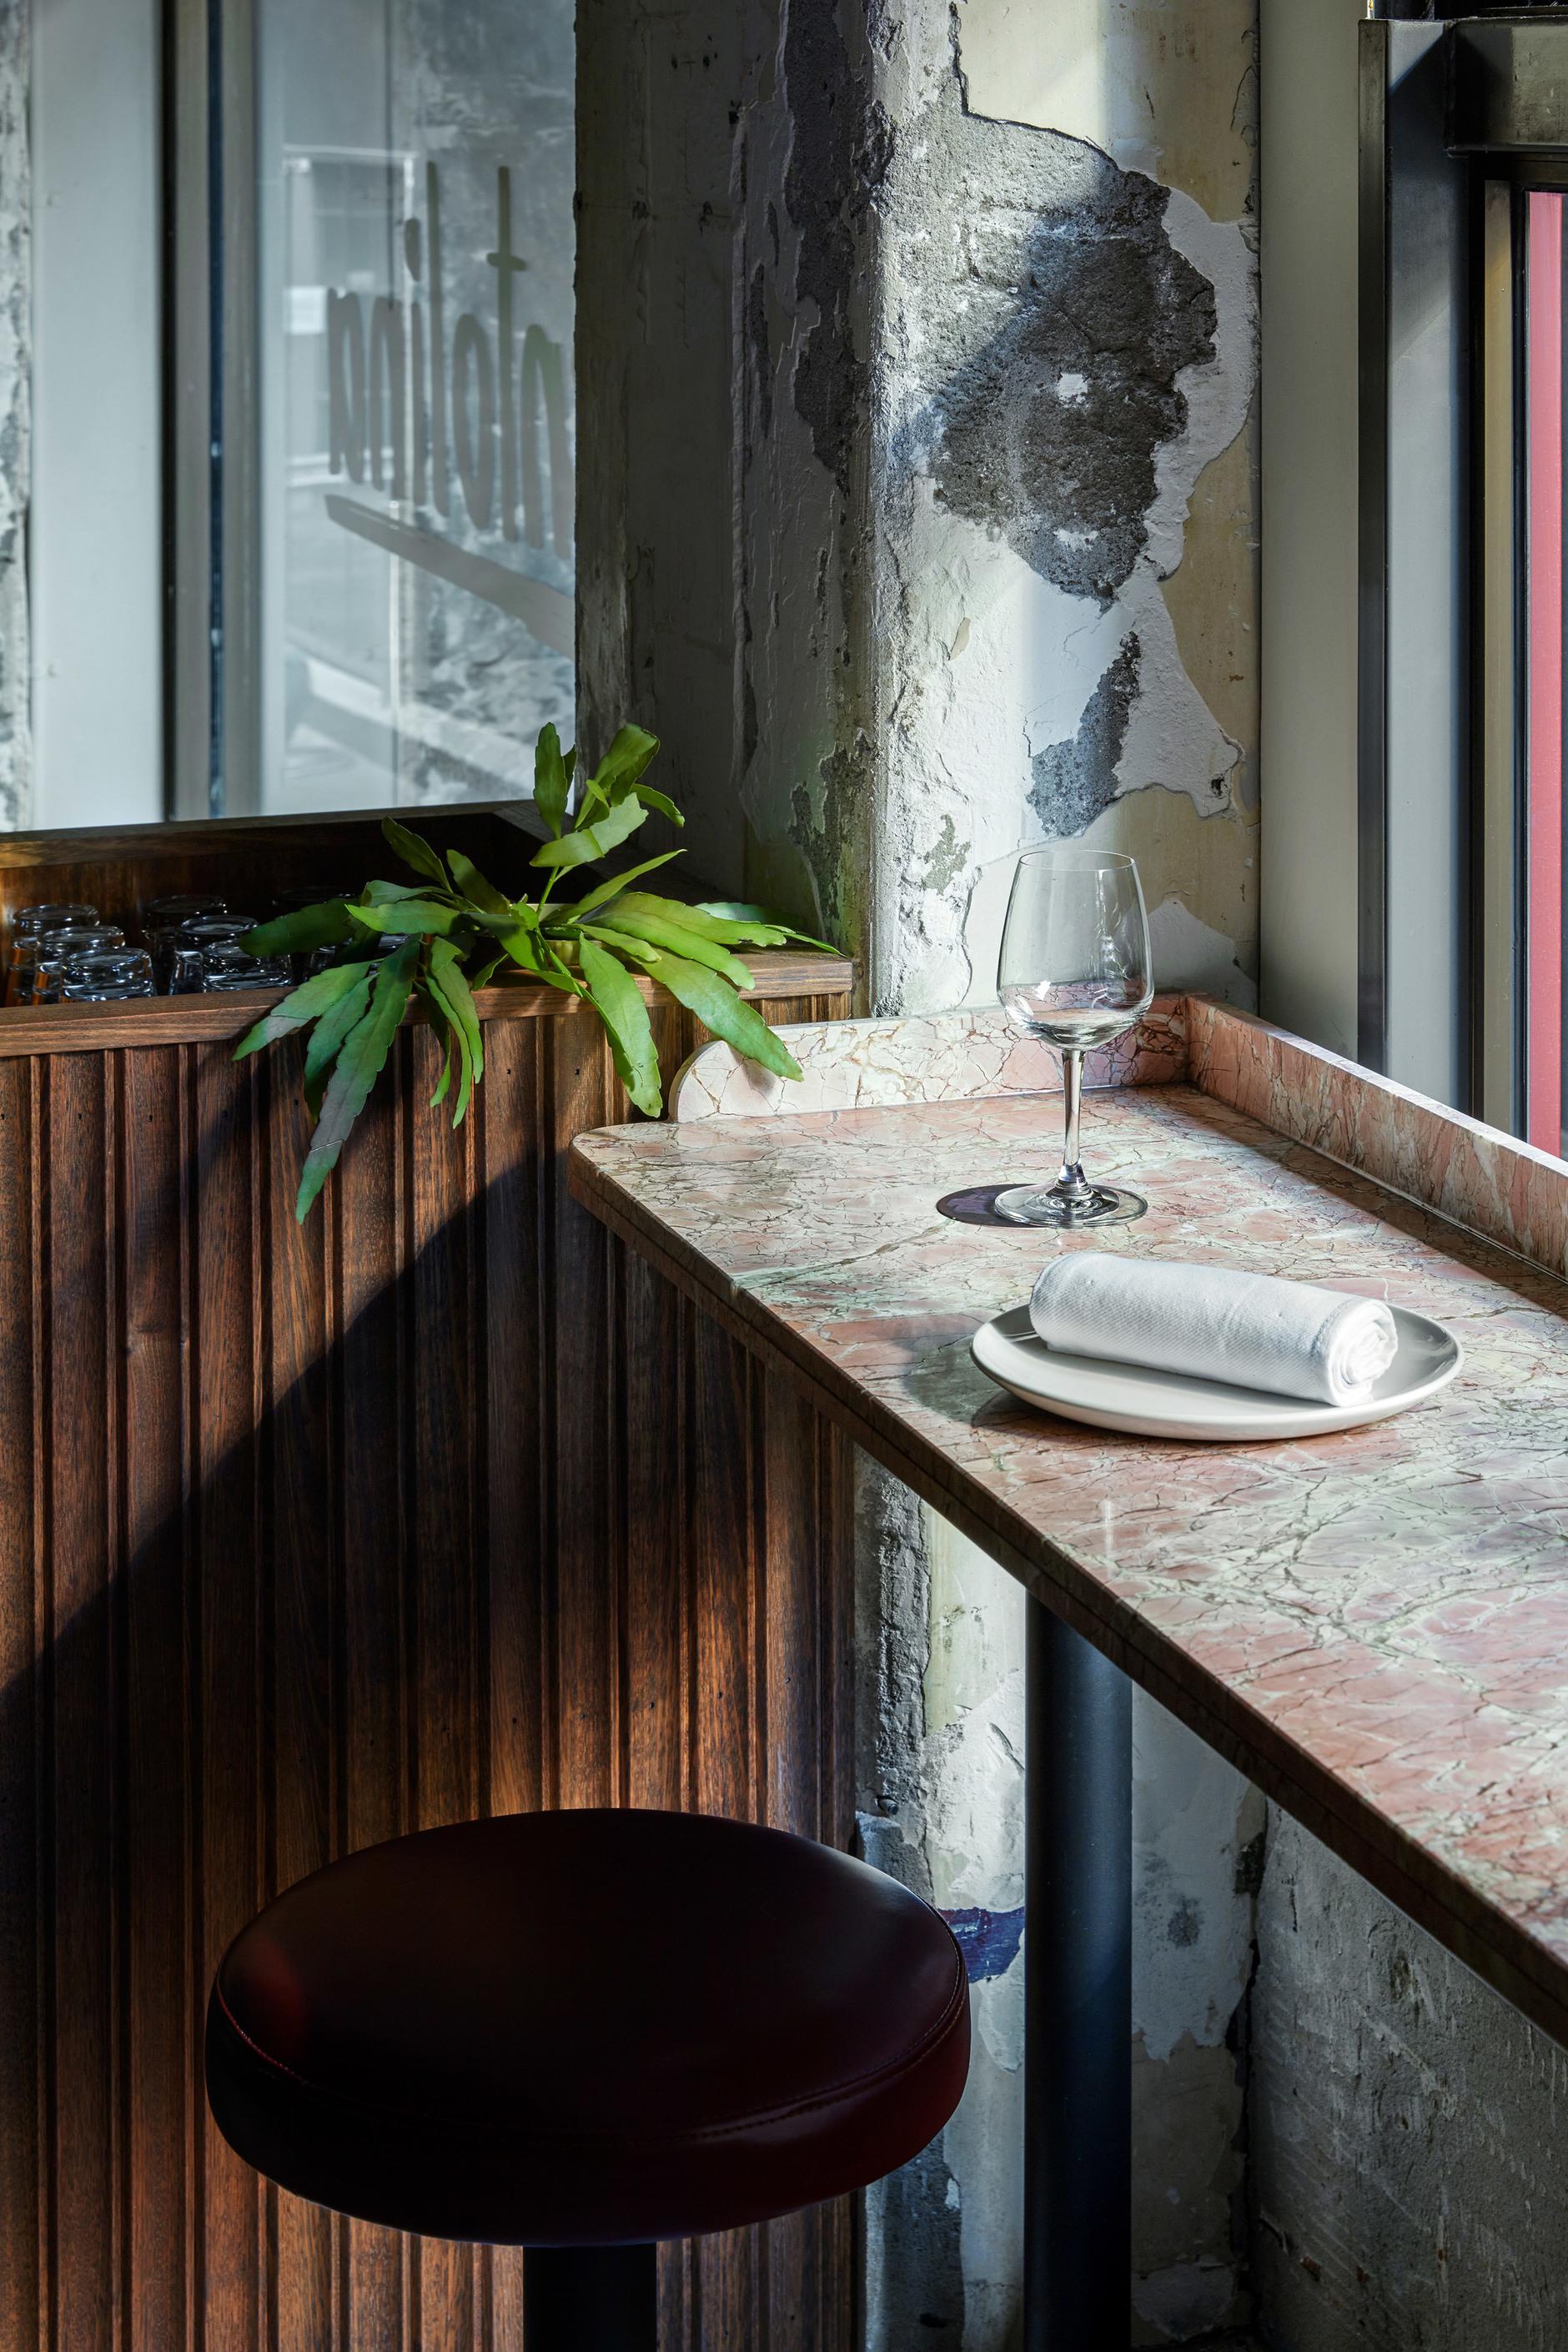 Розовый мрамор и потертый бетон: паста бар в Мельбурне (галерея 7, фото 2)